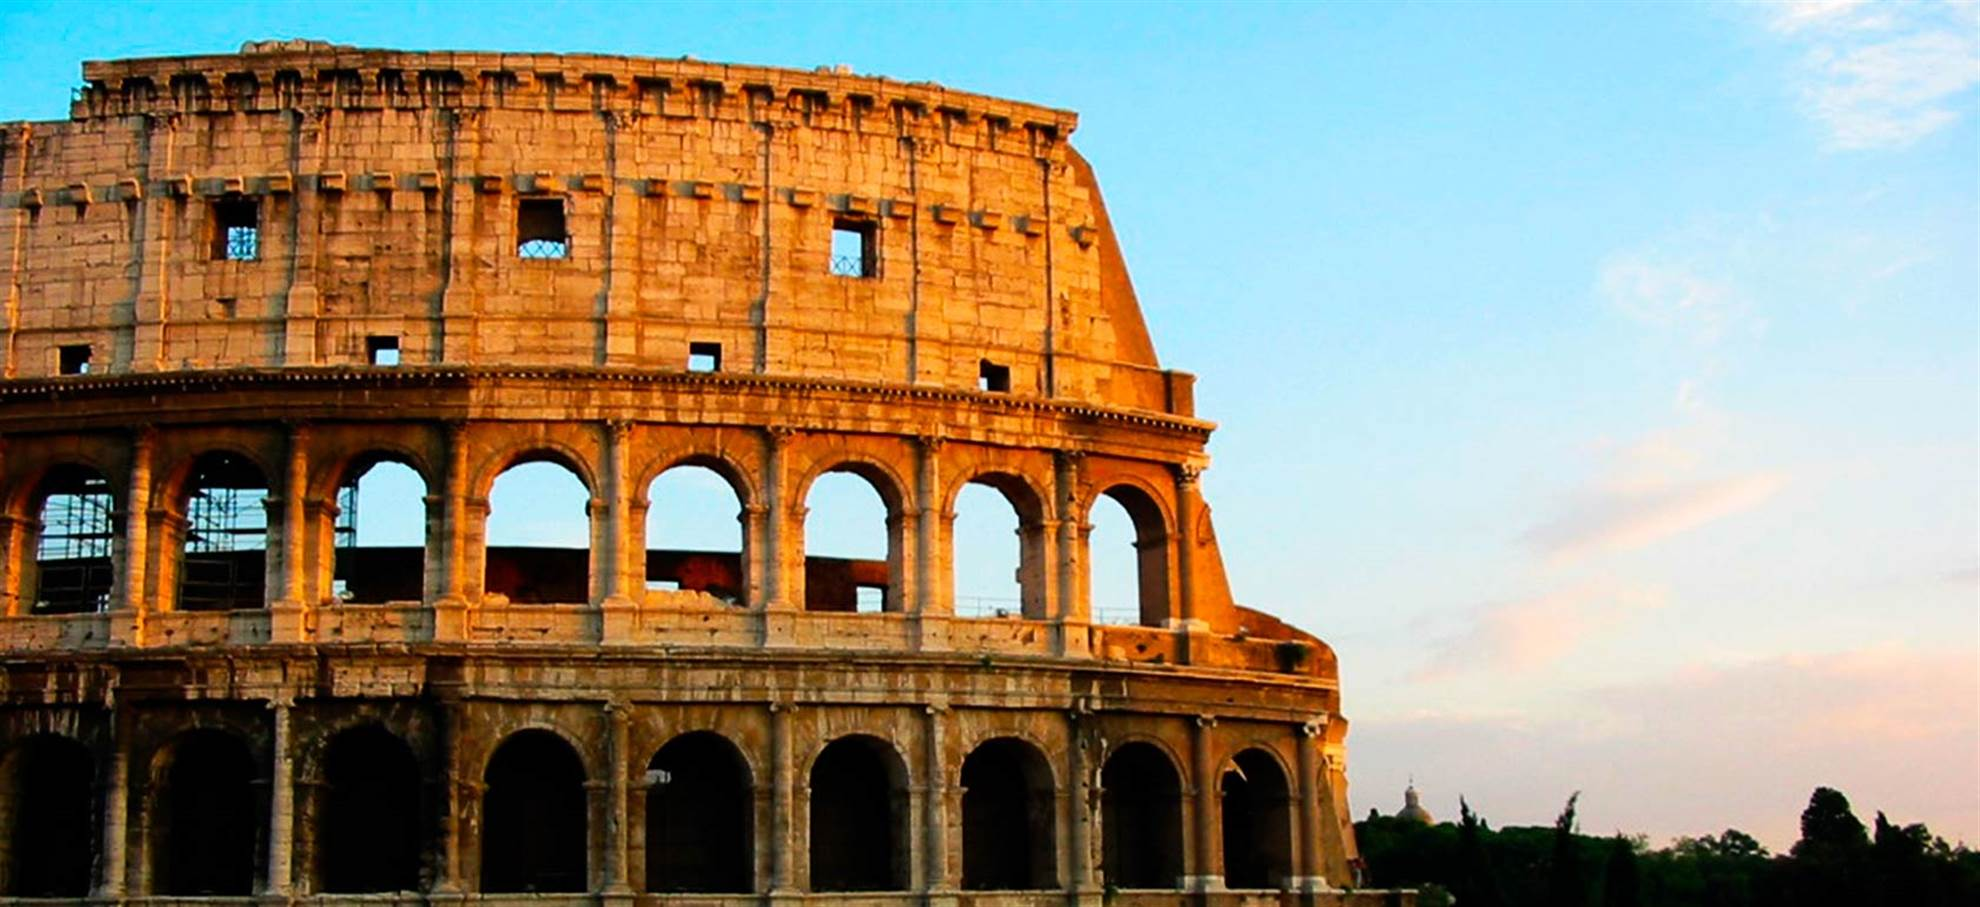 Coliseo, Foro Romano & Palatino entrada preferente (Guia en Español)